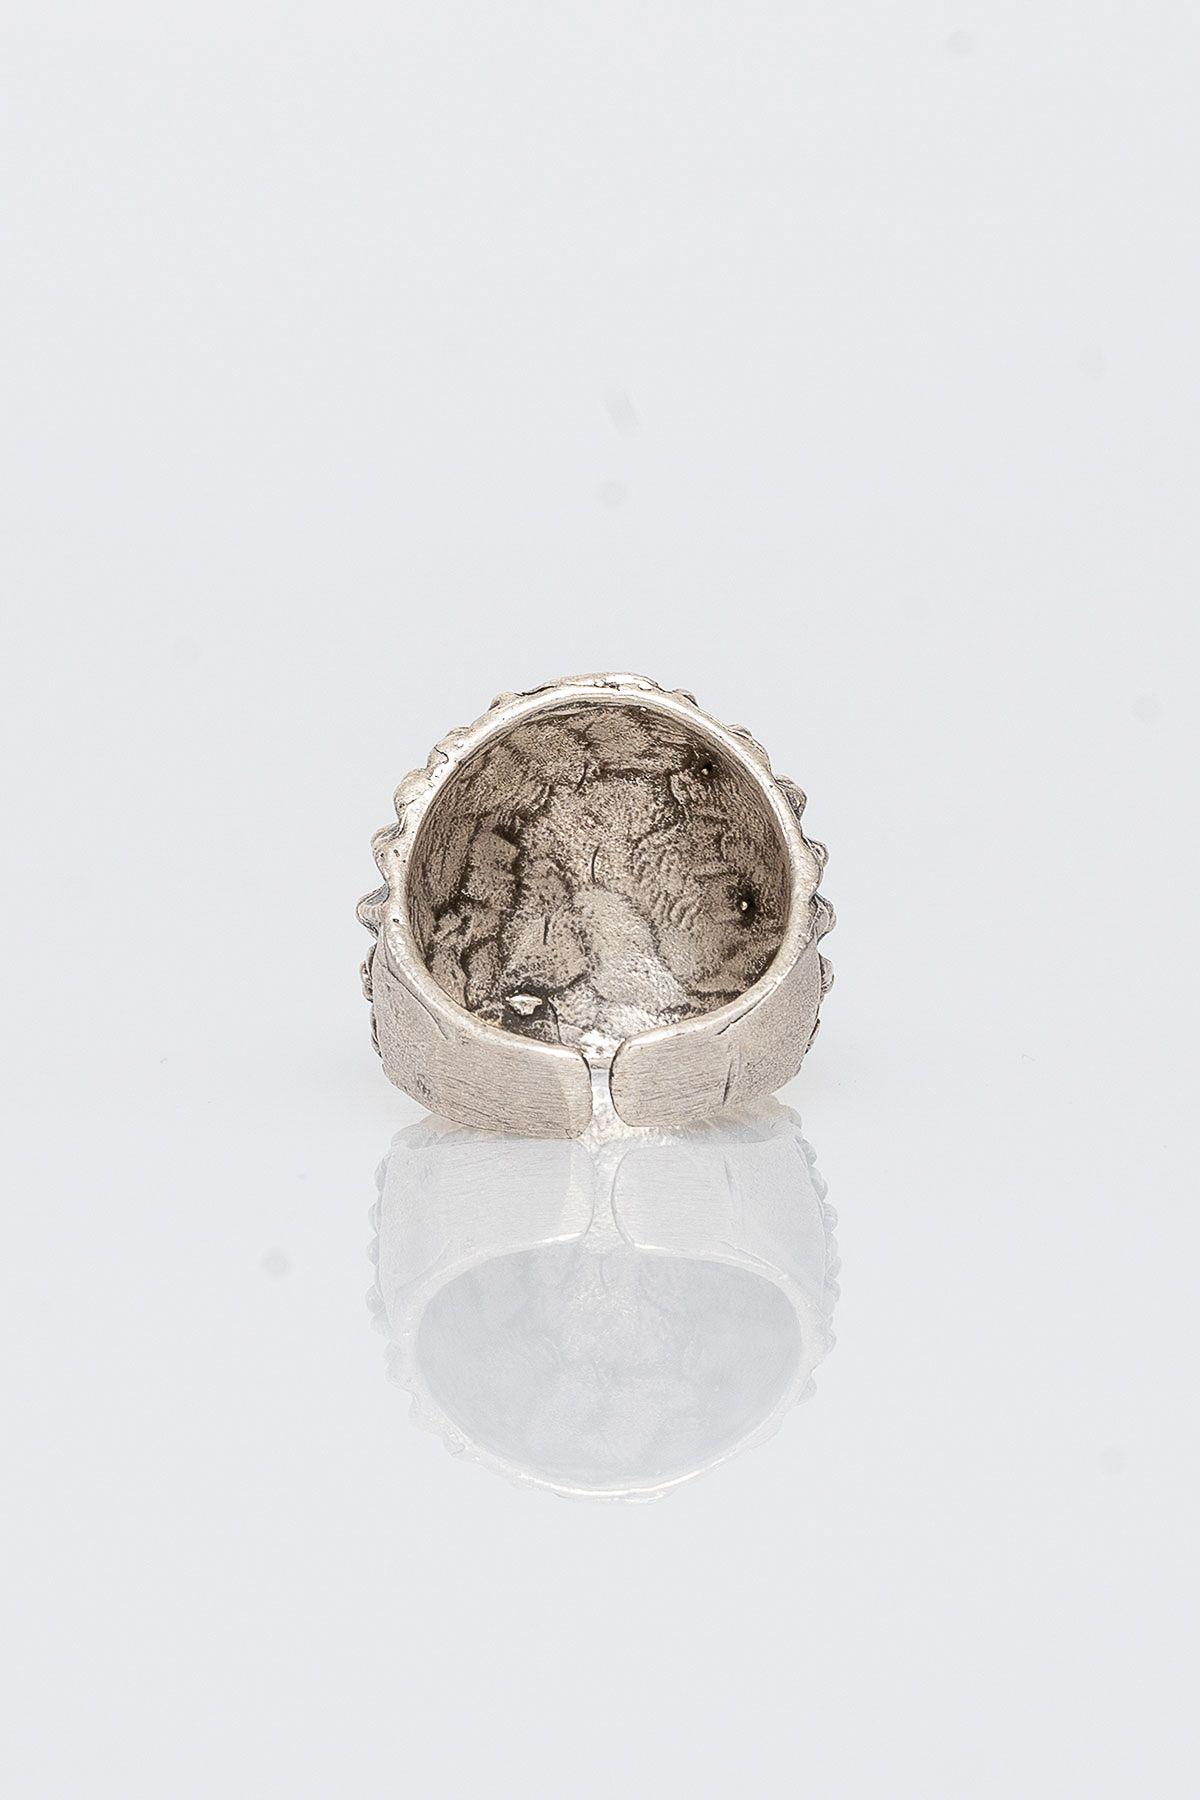 Pegia Deri Çantalı Vintage Tasarım Yüzük 19YZ16 Gümüş